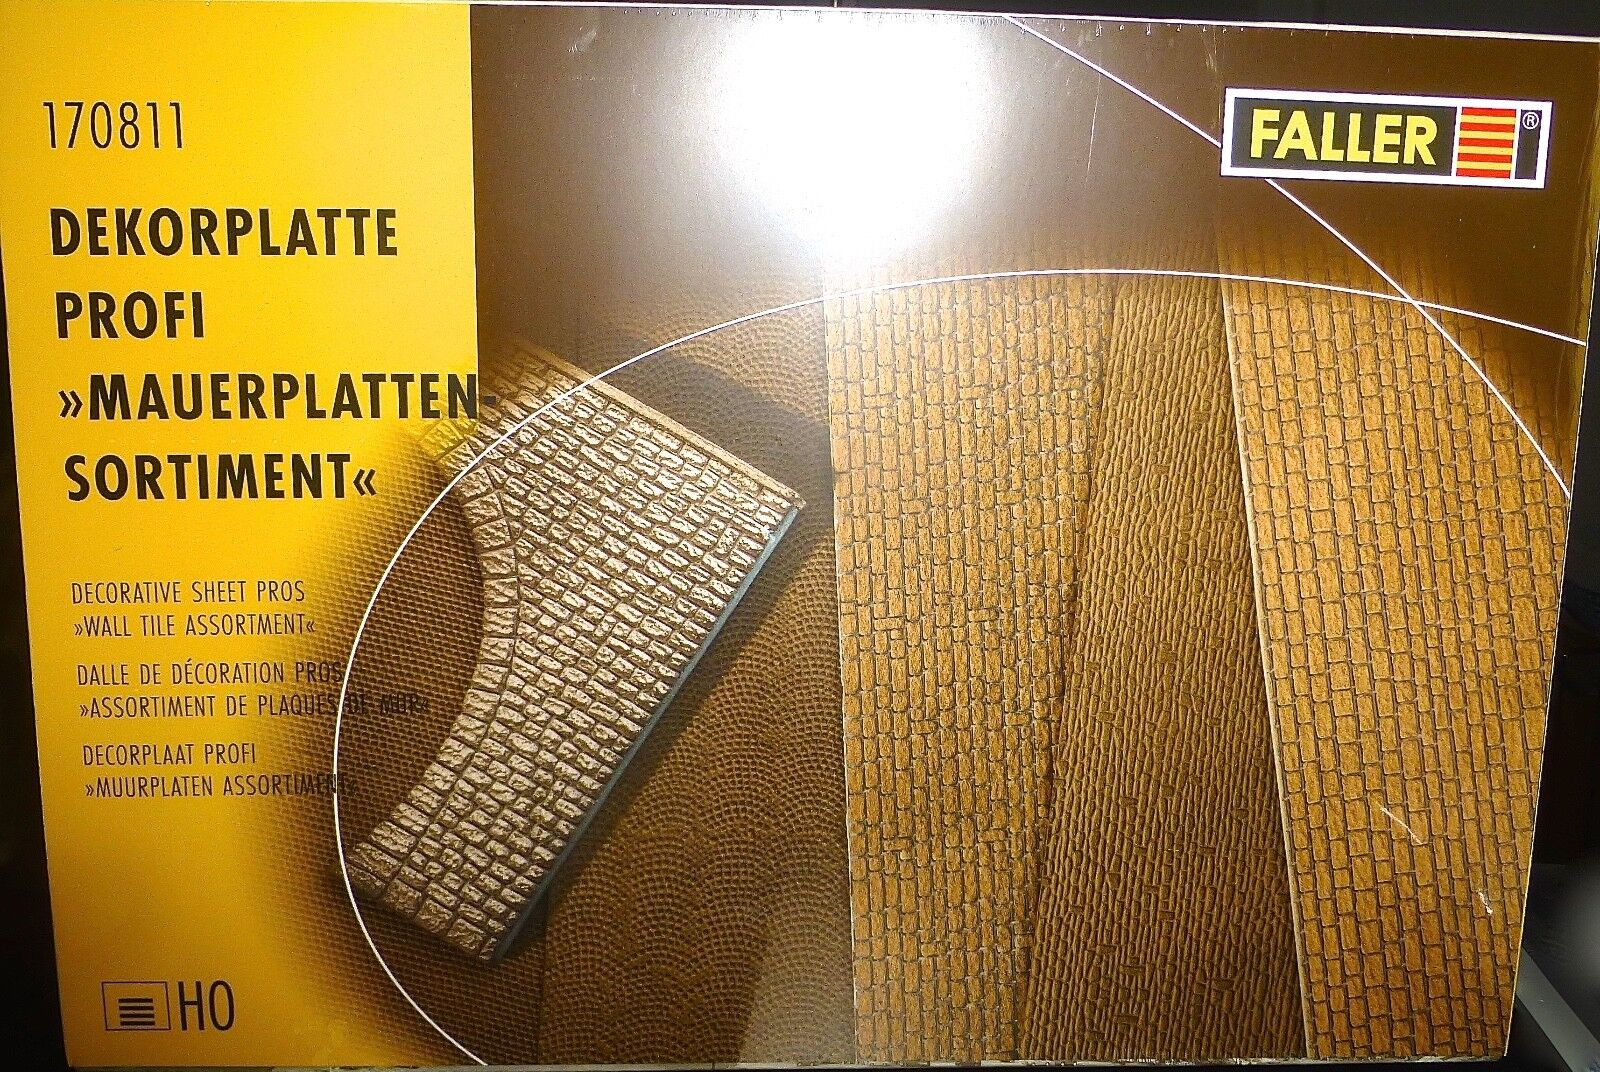 Placas de Parojo Surtido Decorativa 370x200x2mm faller 170811 H0 1 87 Emb.orig u